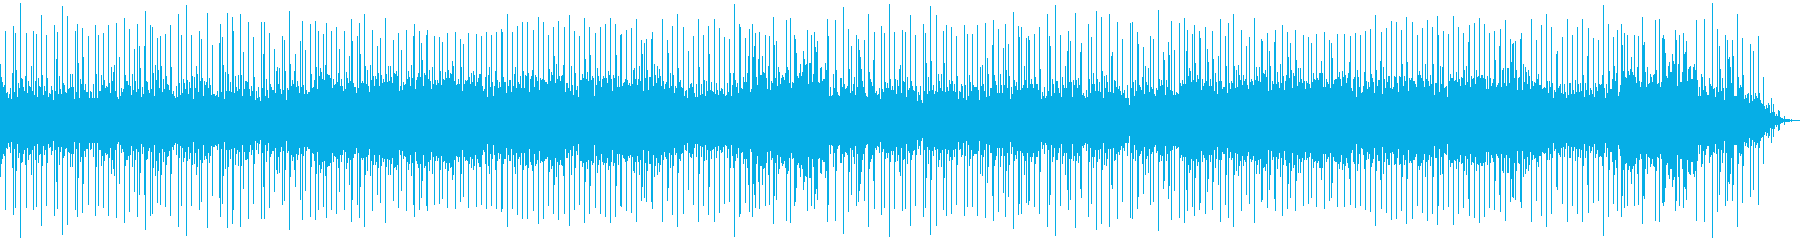 レトロゲーム風BGM(クリア、勝利)の再生済みの波形